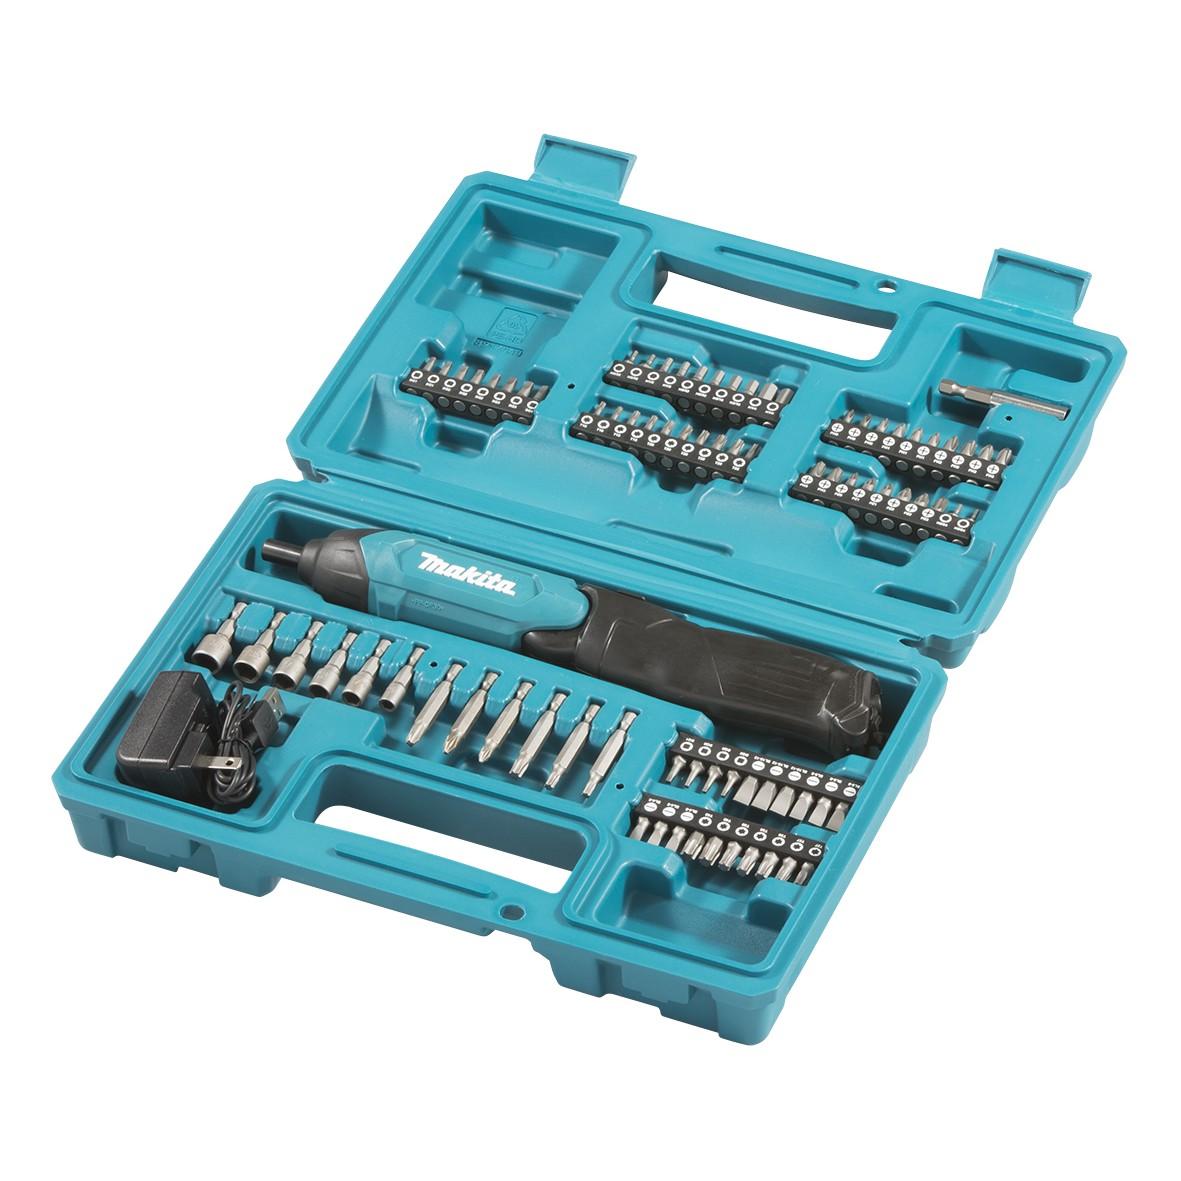 Parafusadeira a Bateria Sextavado 14 36V com 80 Acessorios DF001 DW - Makita